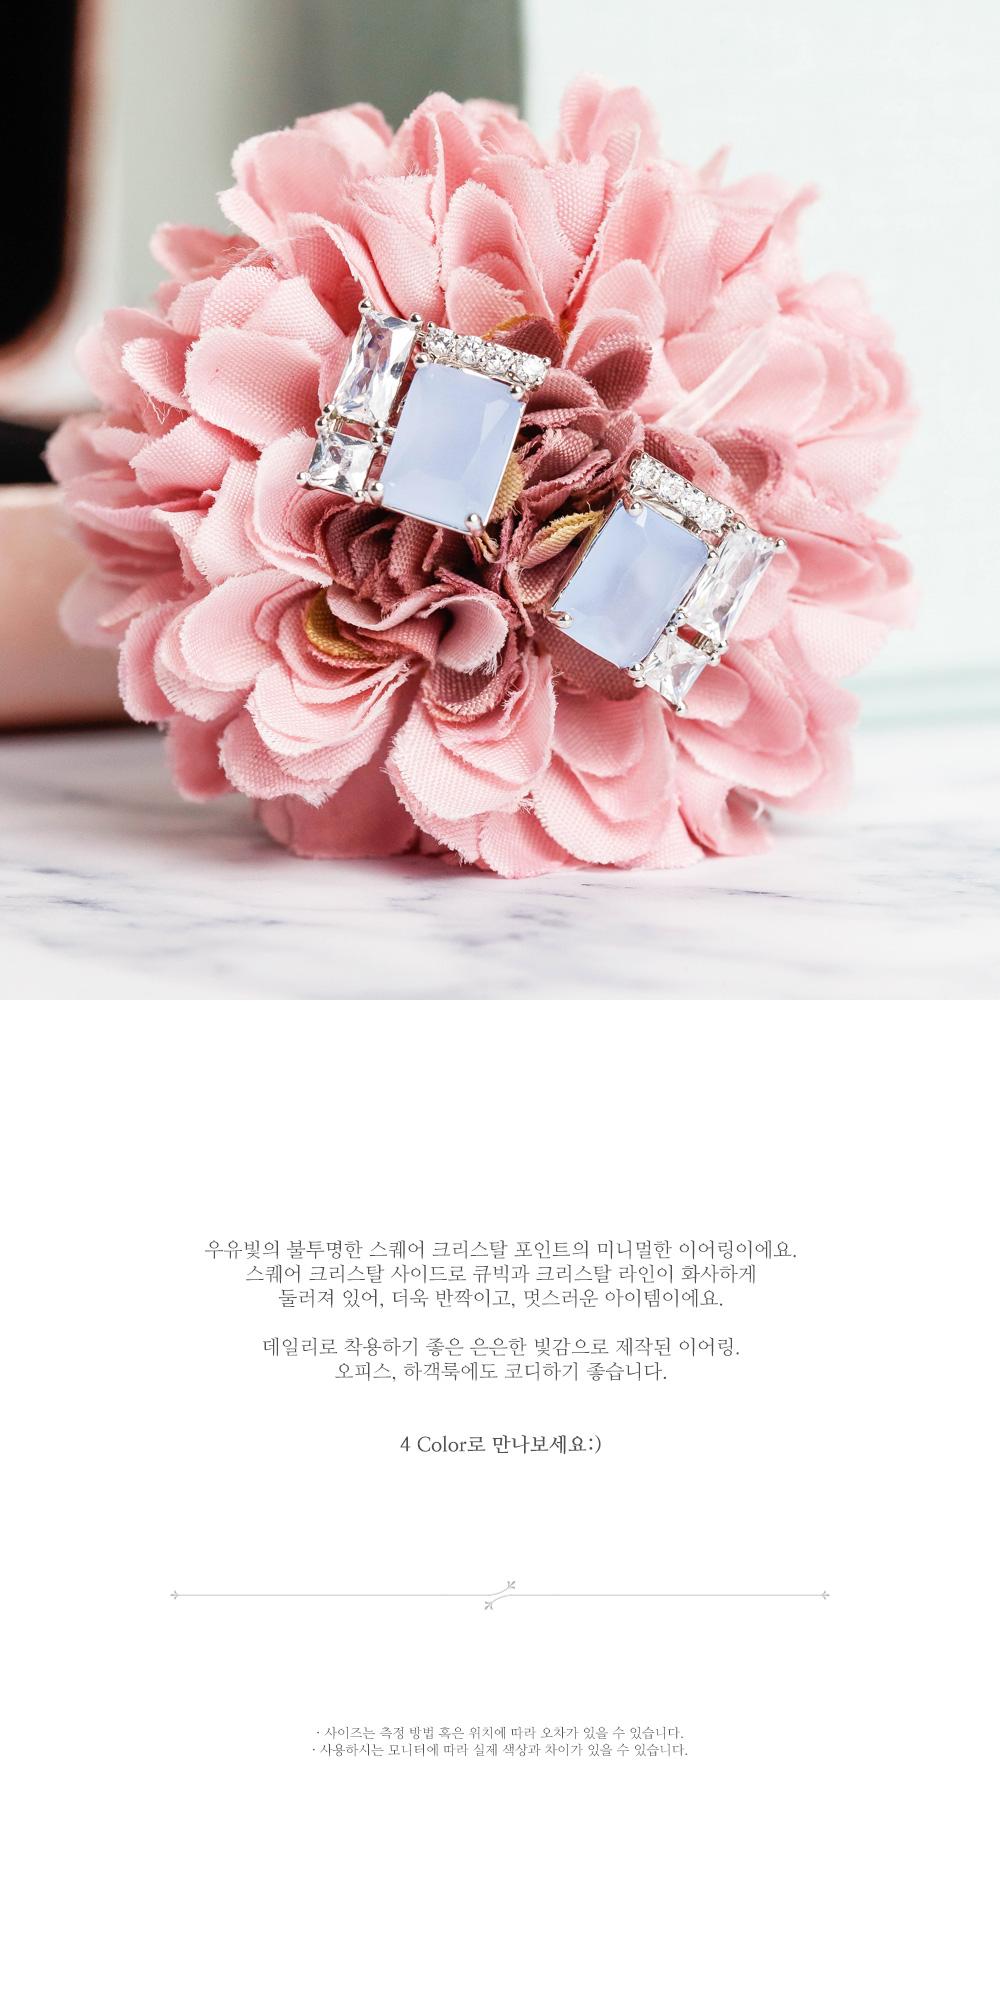 니베리 크리스탈 귀걸이 - 폭스타일, 10,000원, 진주/원석, 볼귀걸이